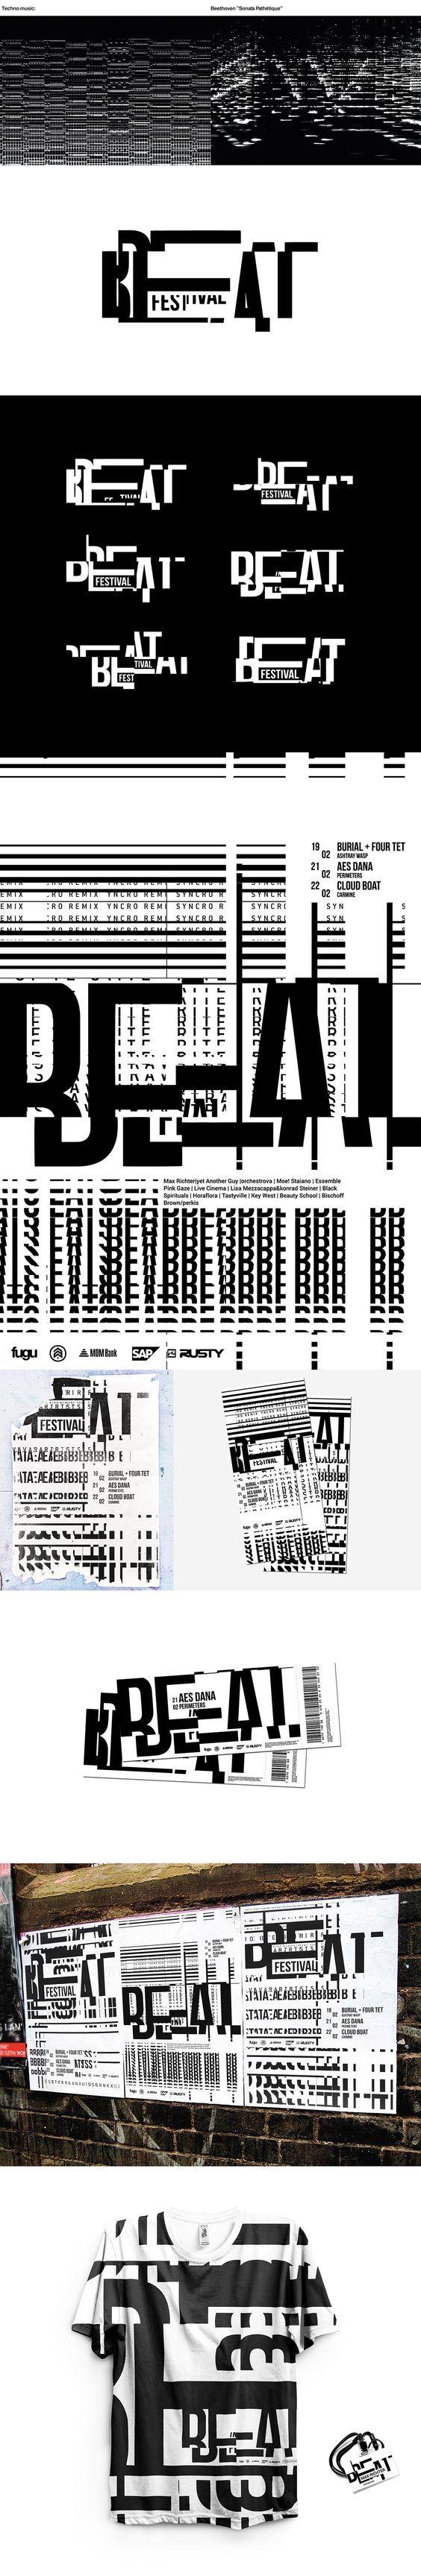 Beat Festival Branding on Behance | Fivestar Branding – Design and Branding Agency & Inspiration Gallery